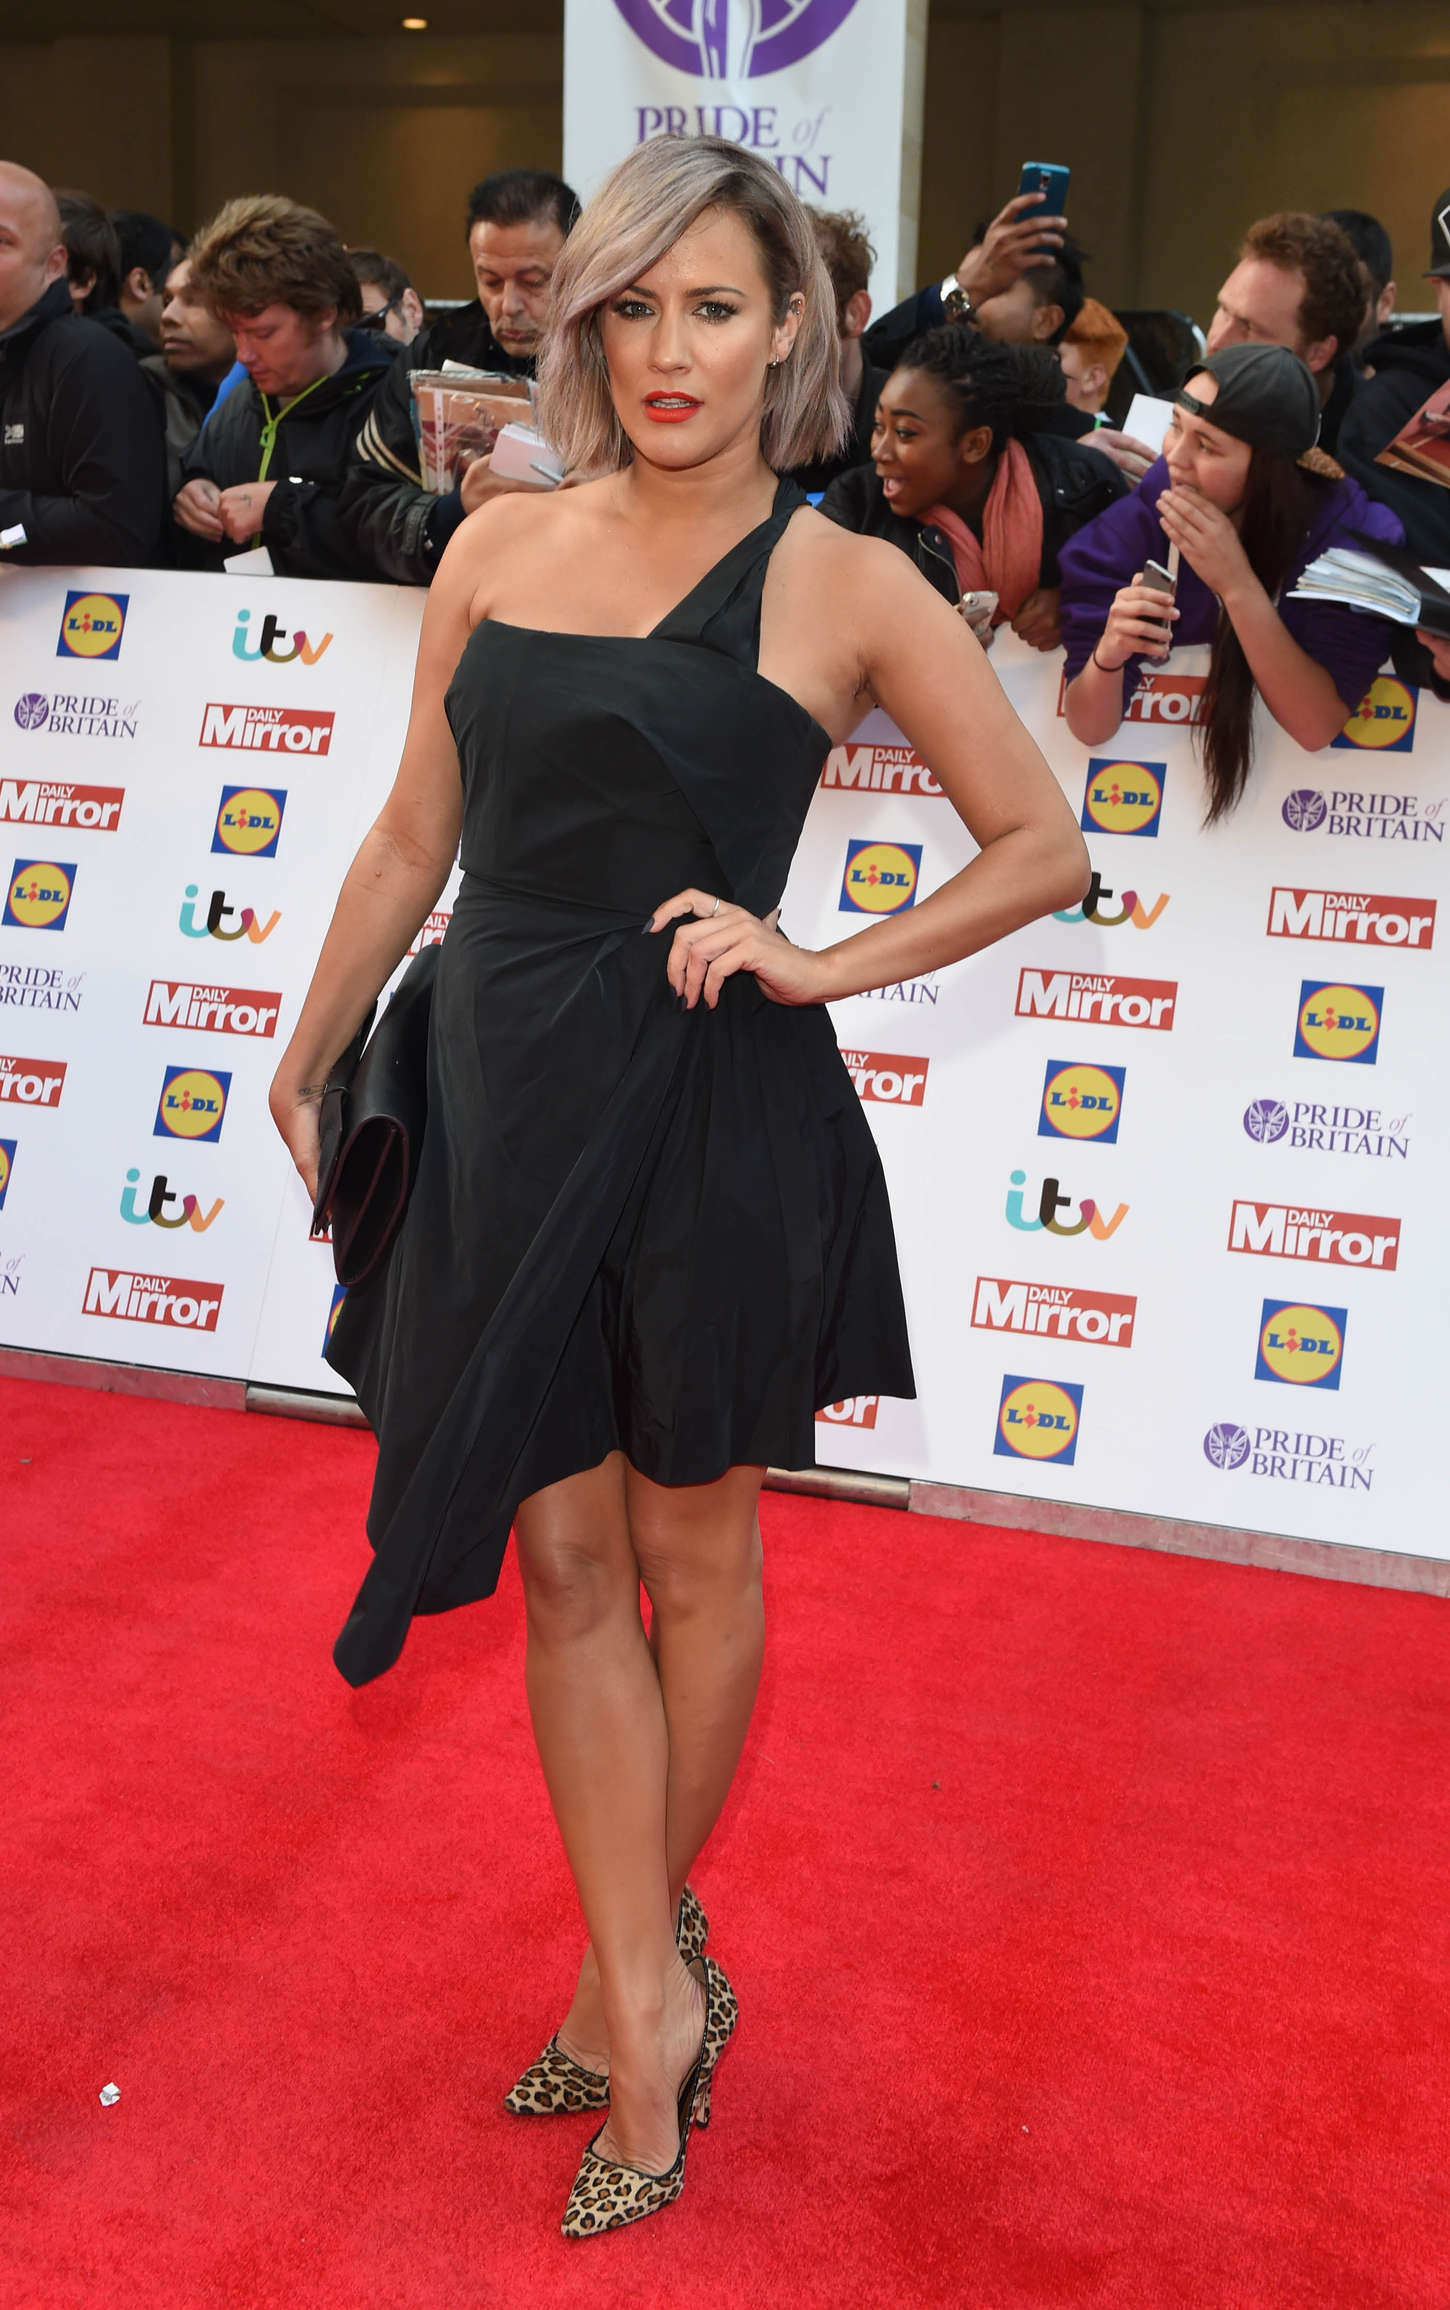 Caroline Flack - 2015 Pride of Britain Awards in London